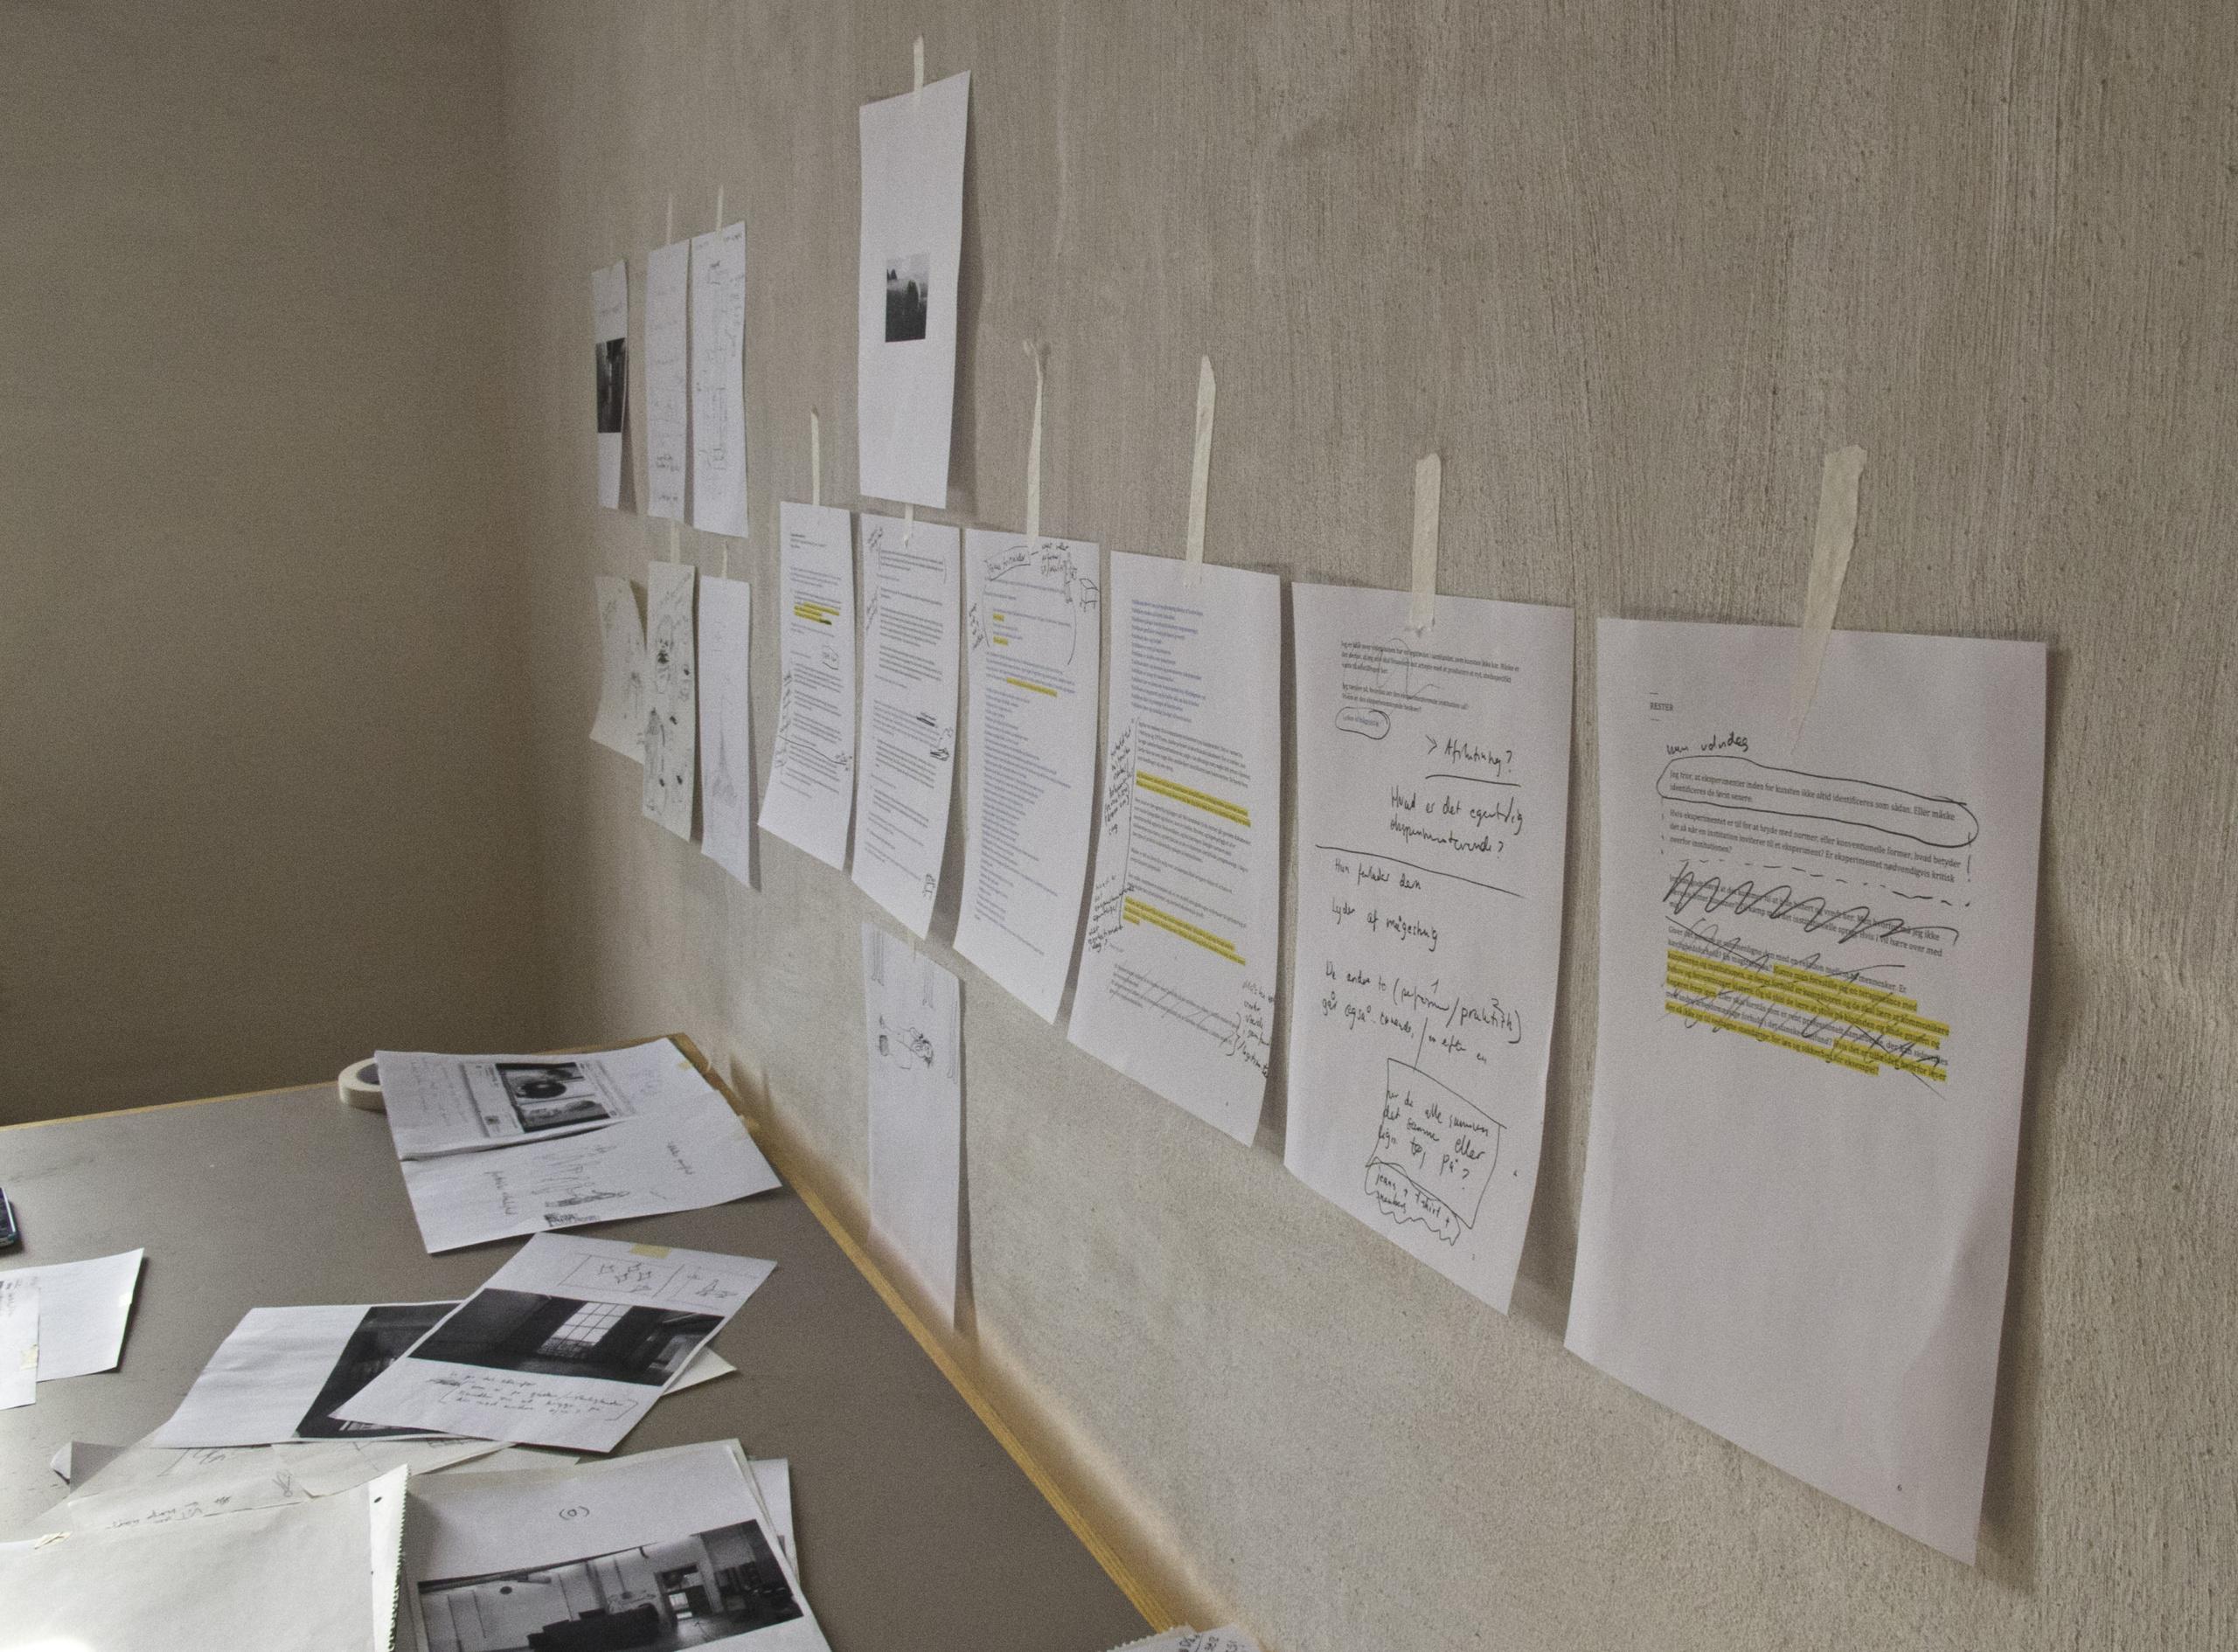 """Kunstnerisk bidrag til udstillingsprojektet """"Primer"""" i virksomheden Aquaporin"""